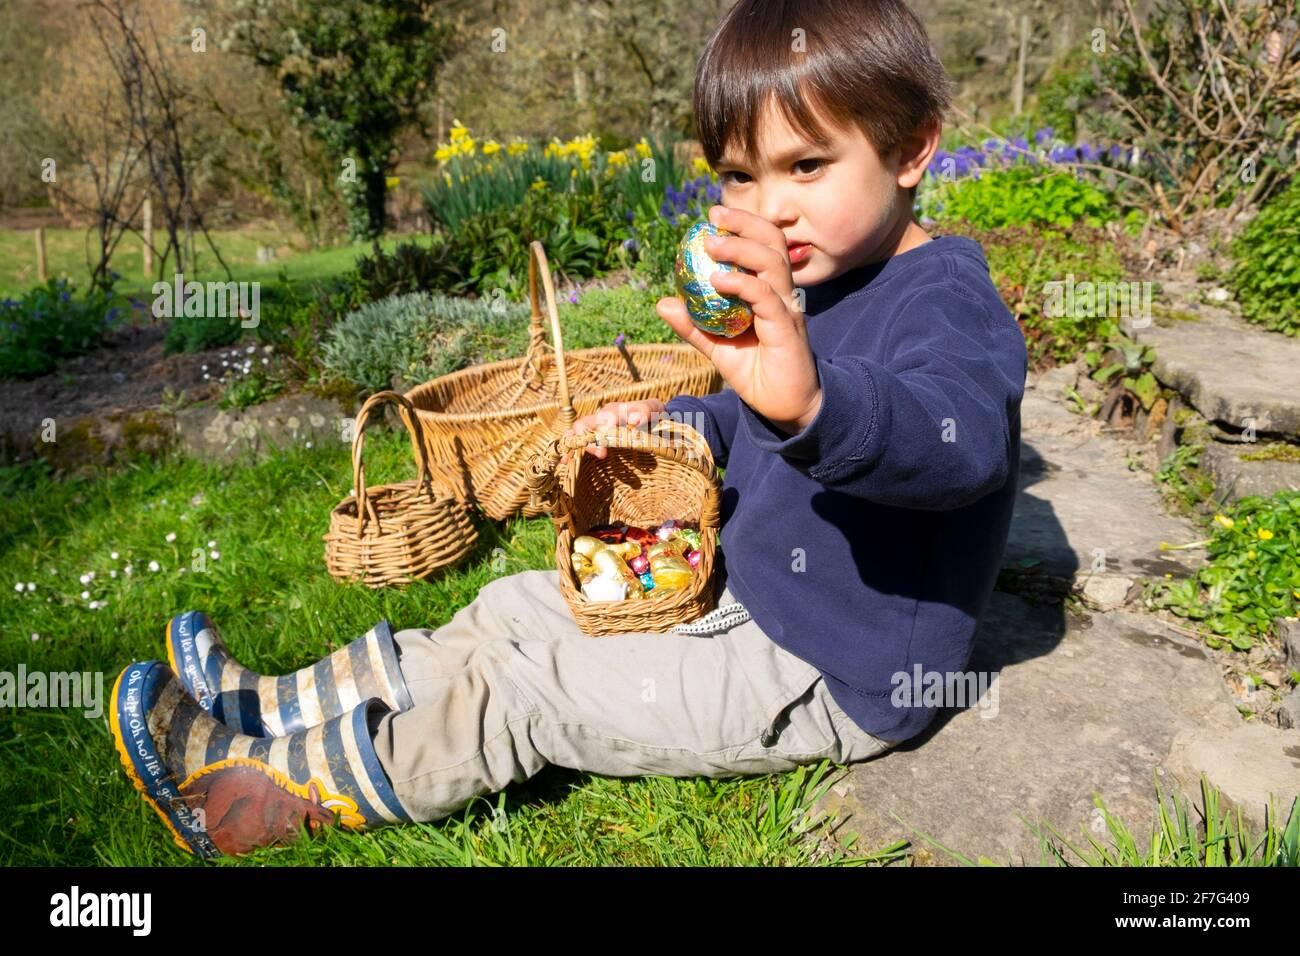 Enfant jeune garçon assis dans le jardin après la chasse aux œufs de Pâques Avec panier d'œufs de Pâques contenant de gros œufs de chocolat Dans sa main pays de Galles Royaume-Uni KATHY DEWITT Banque D'Images